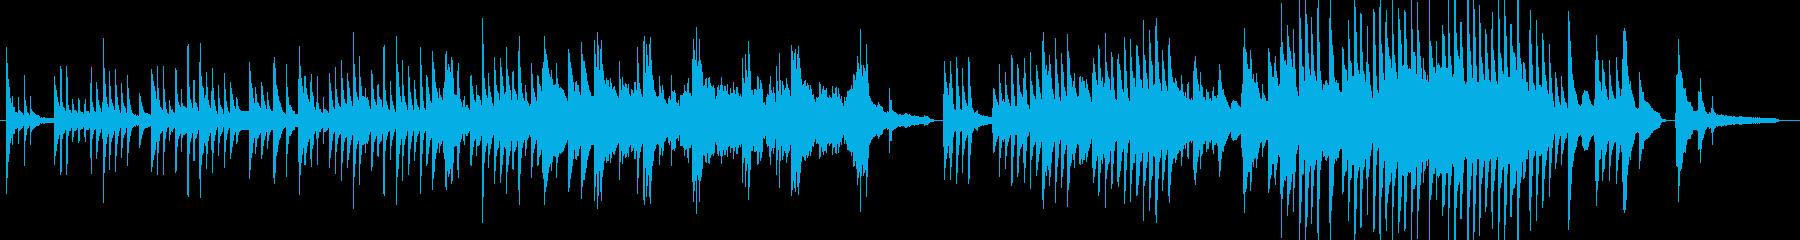 優しく儚いピアノソロ曲の再生済みの波形